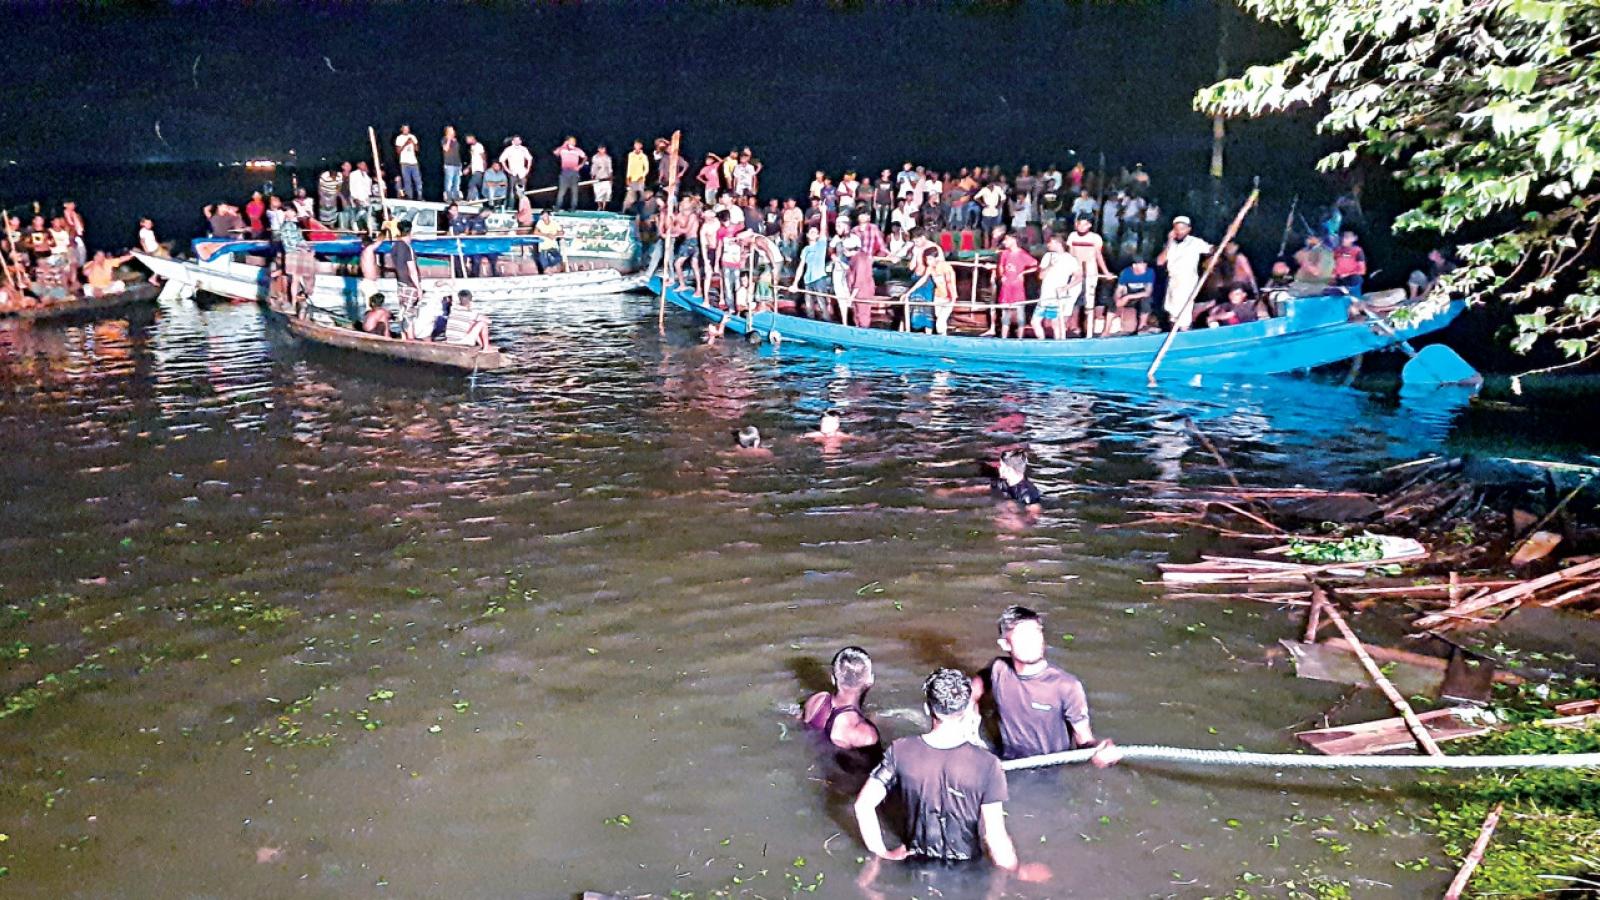 Ít nhất 19 người thiệt mạng trong vụ lật thuyền ở Bangladesh